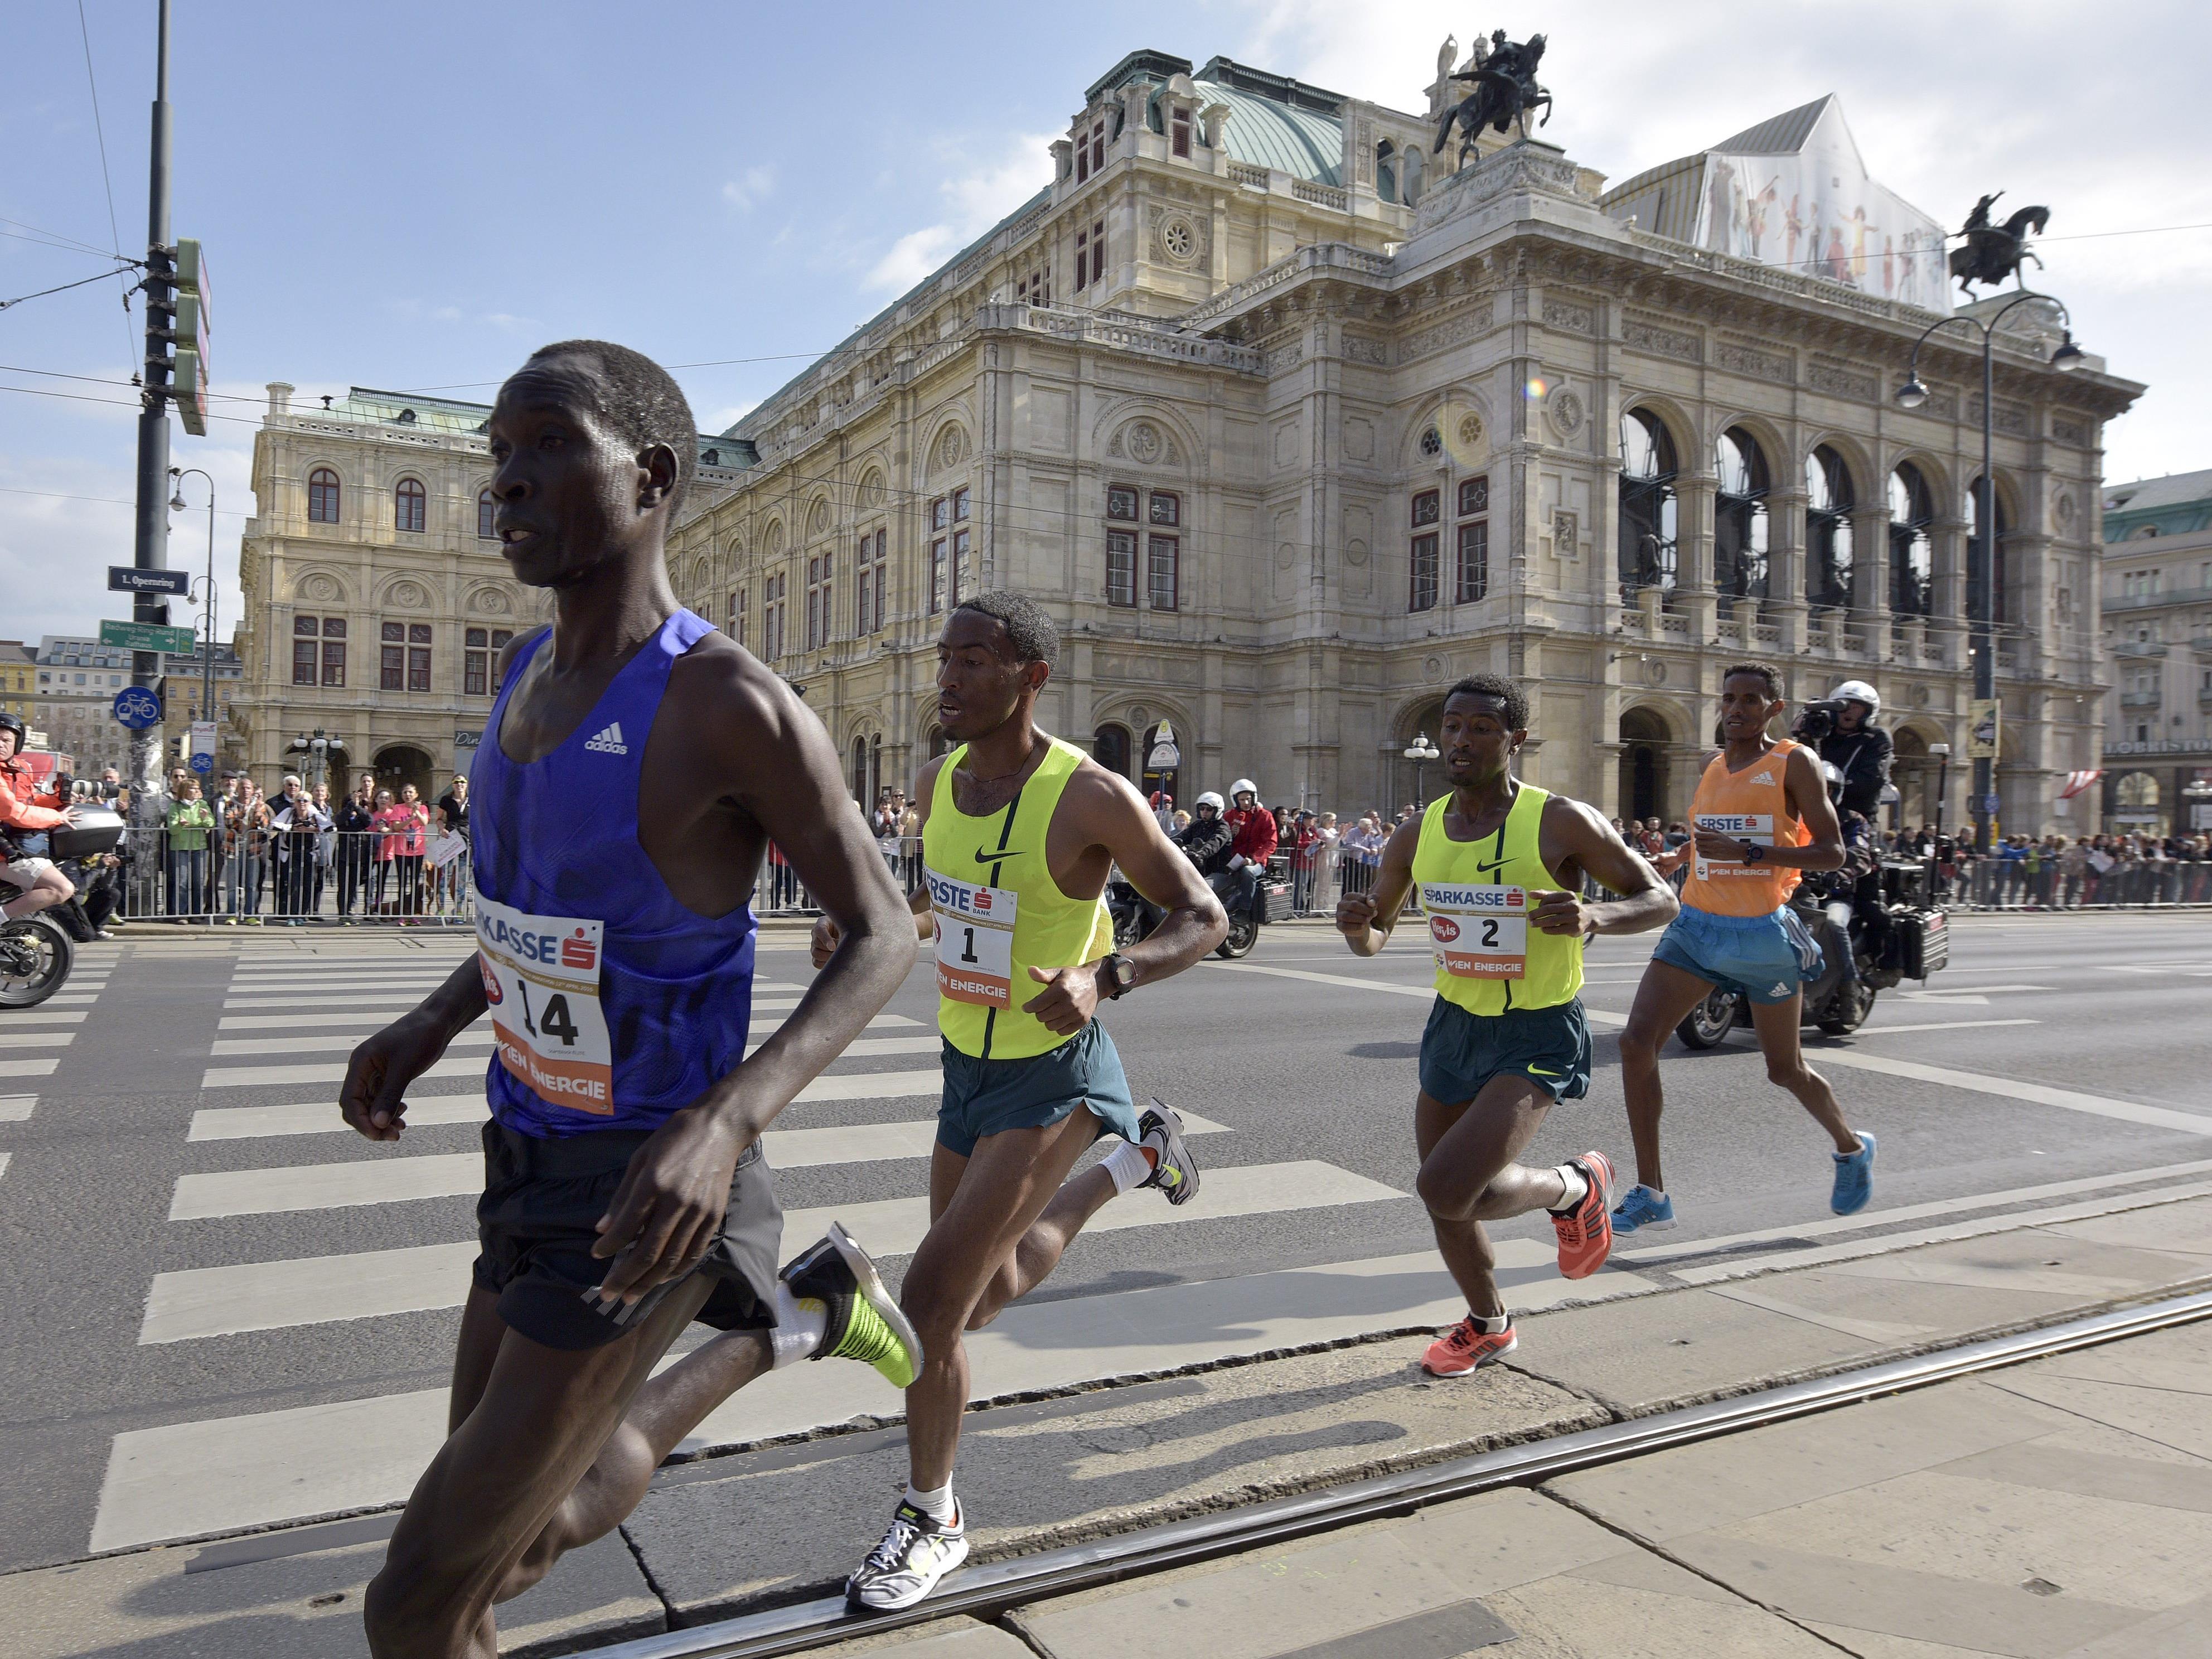 Der Vienna City Marathon findet heuer am 10. April statt.